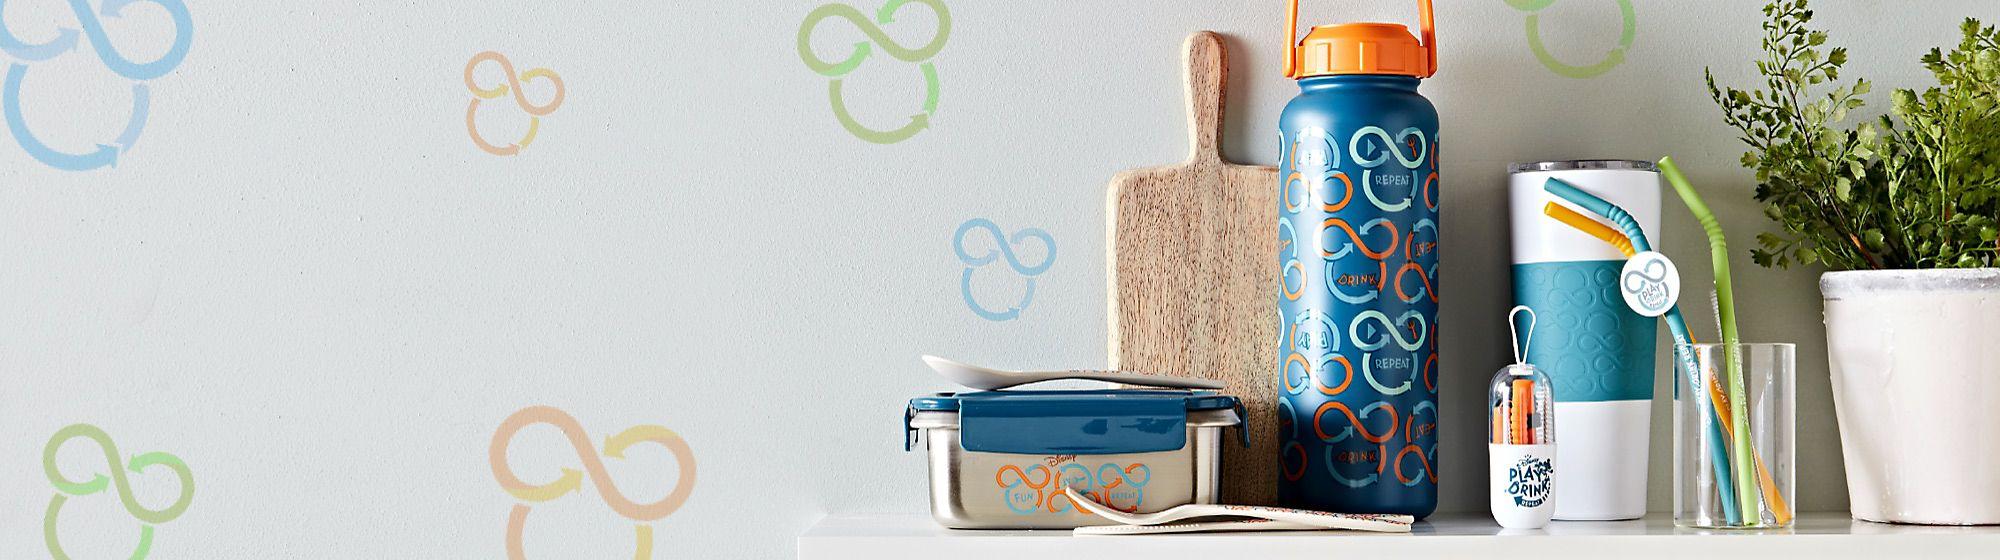 Disney Repeatables Disfruta de tus almuerzos con nuestra colección reutilizable COMPRAR